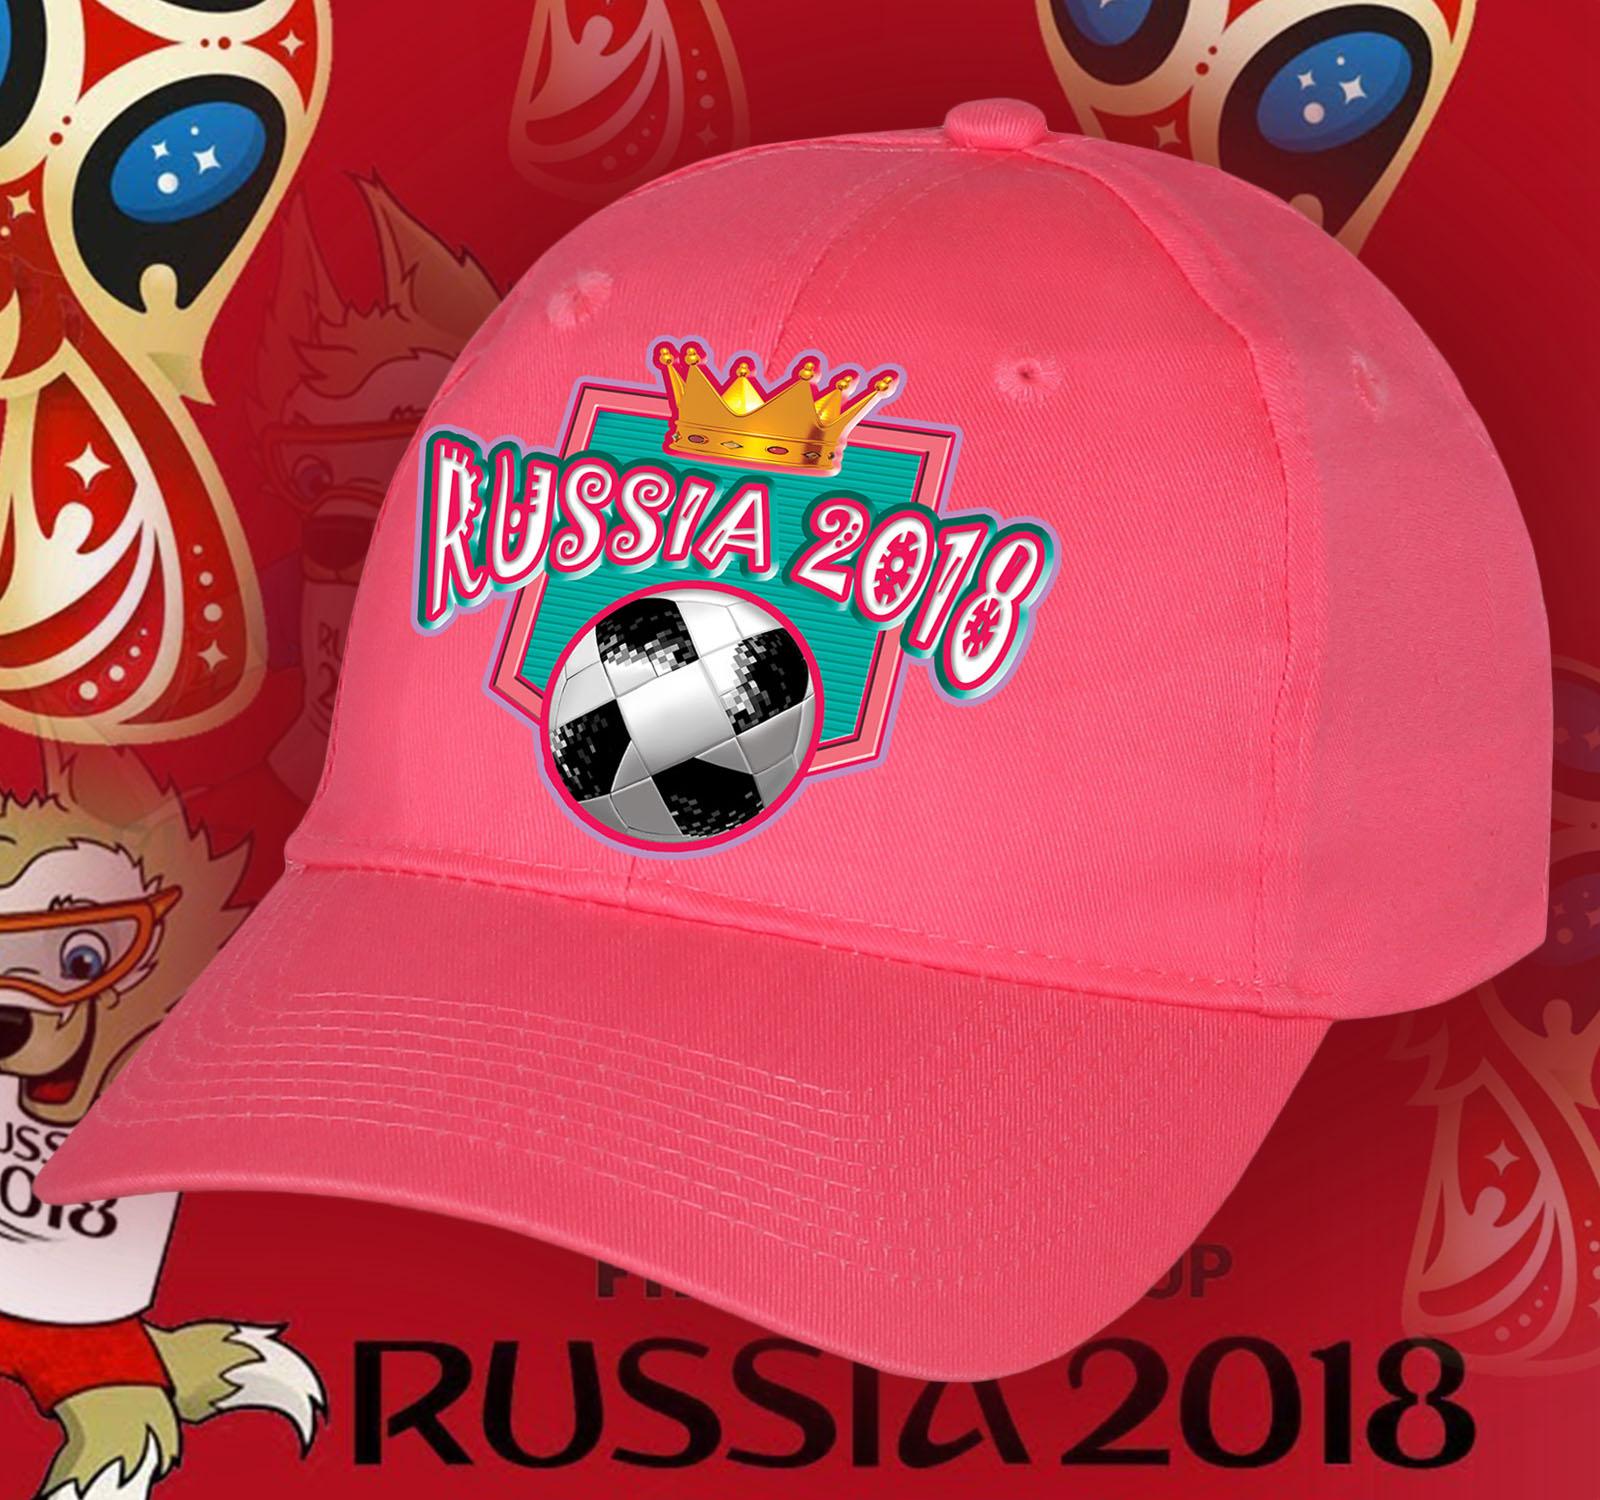 Фанатская топовая кепка RUSSIA